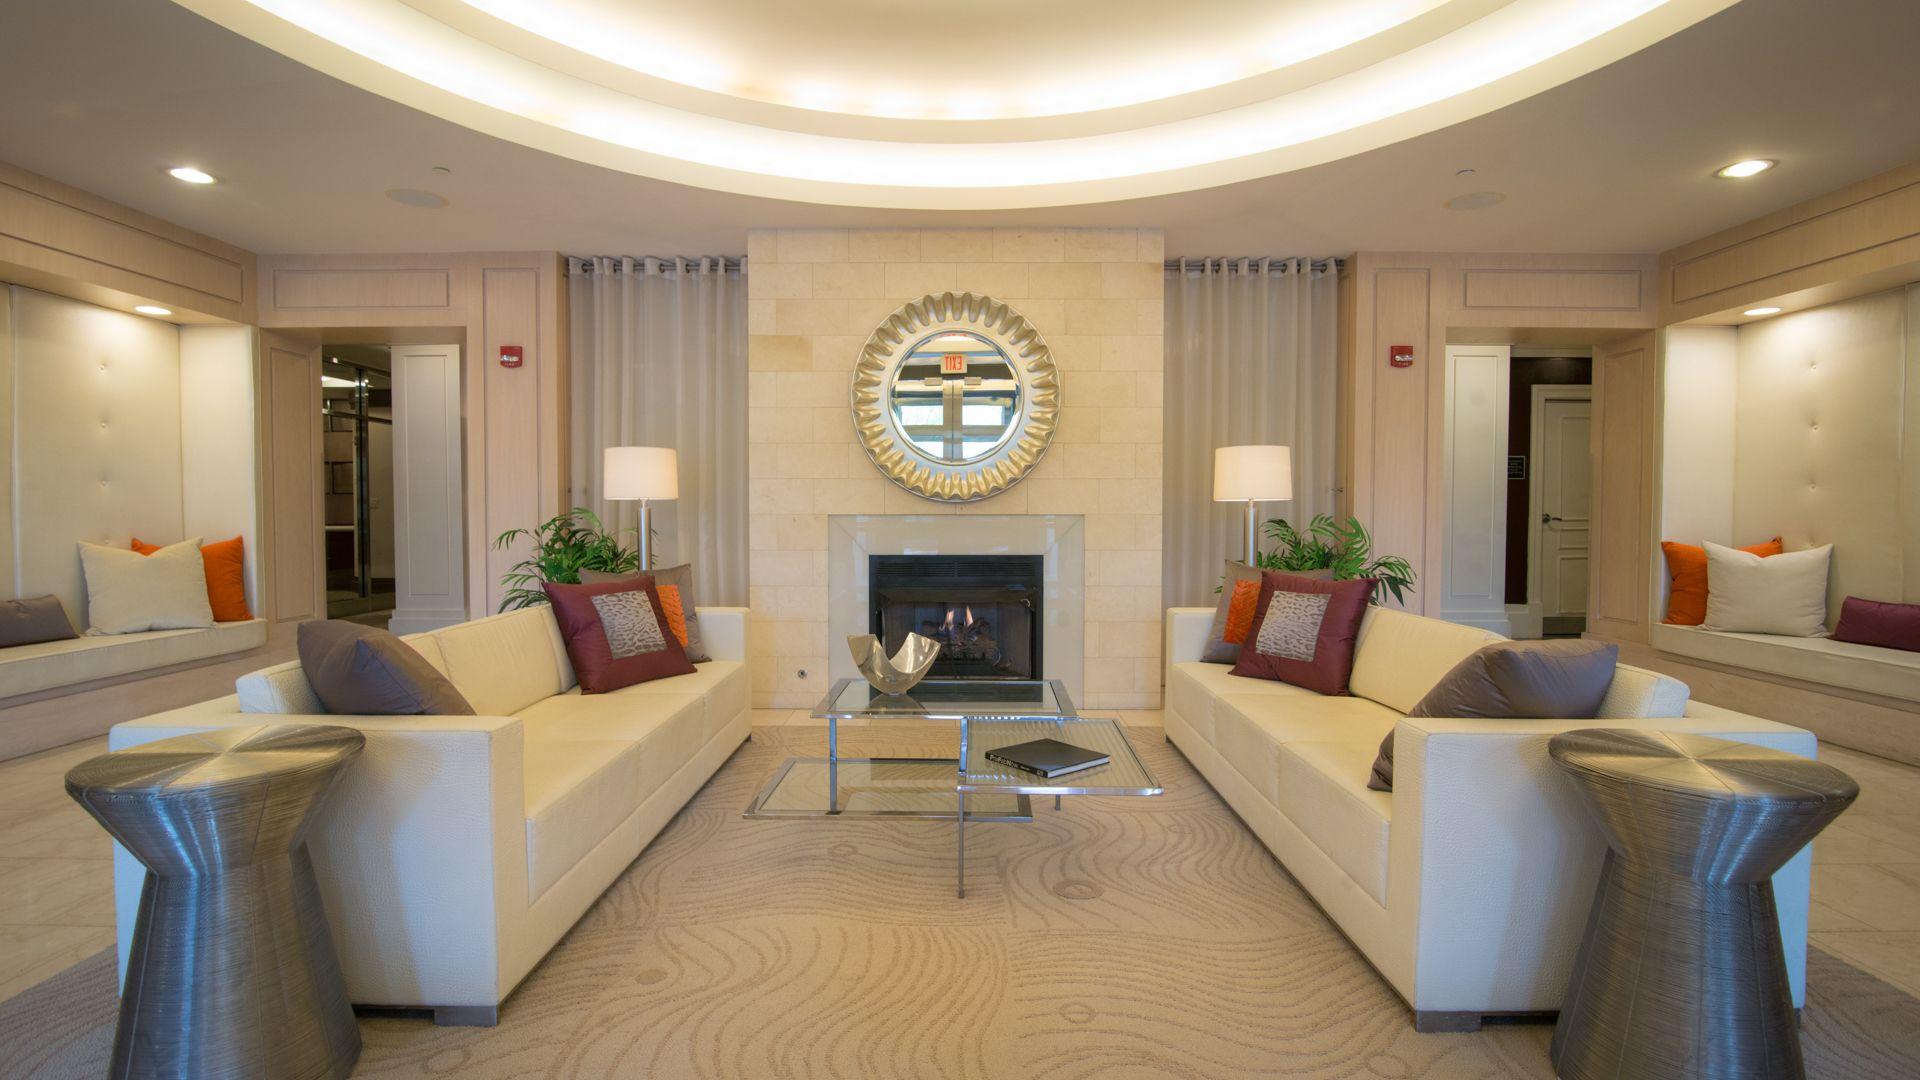 1401 Joyce on Pentagon Row Apartments - Lobby